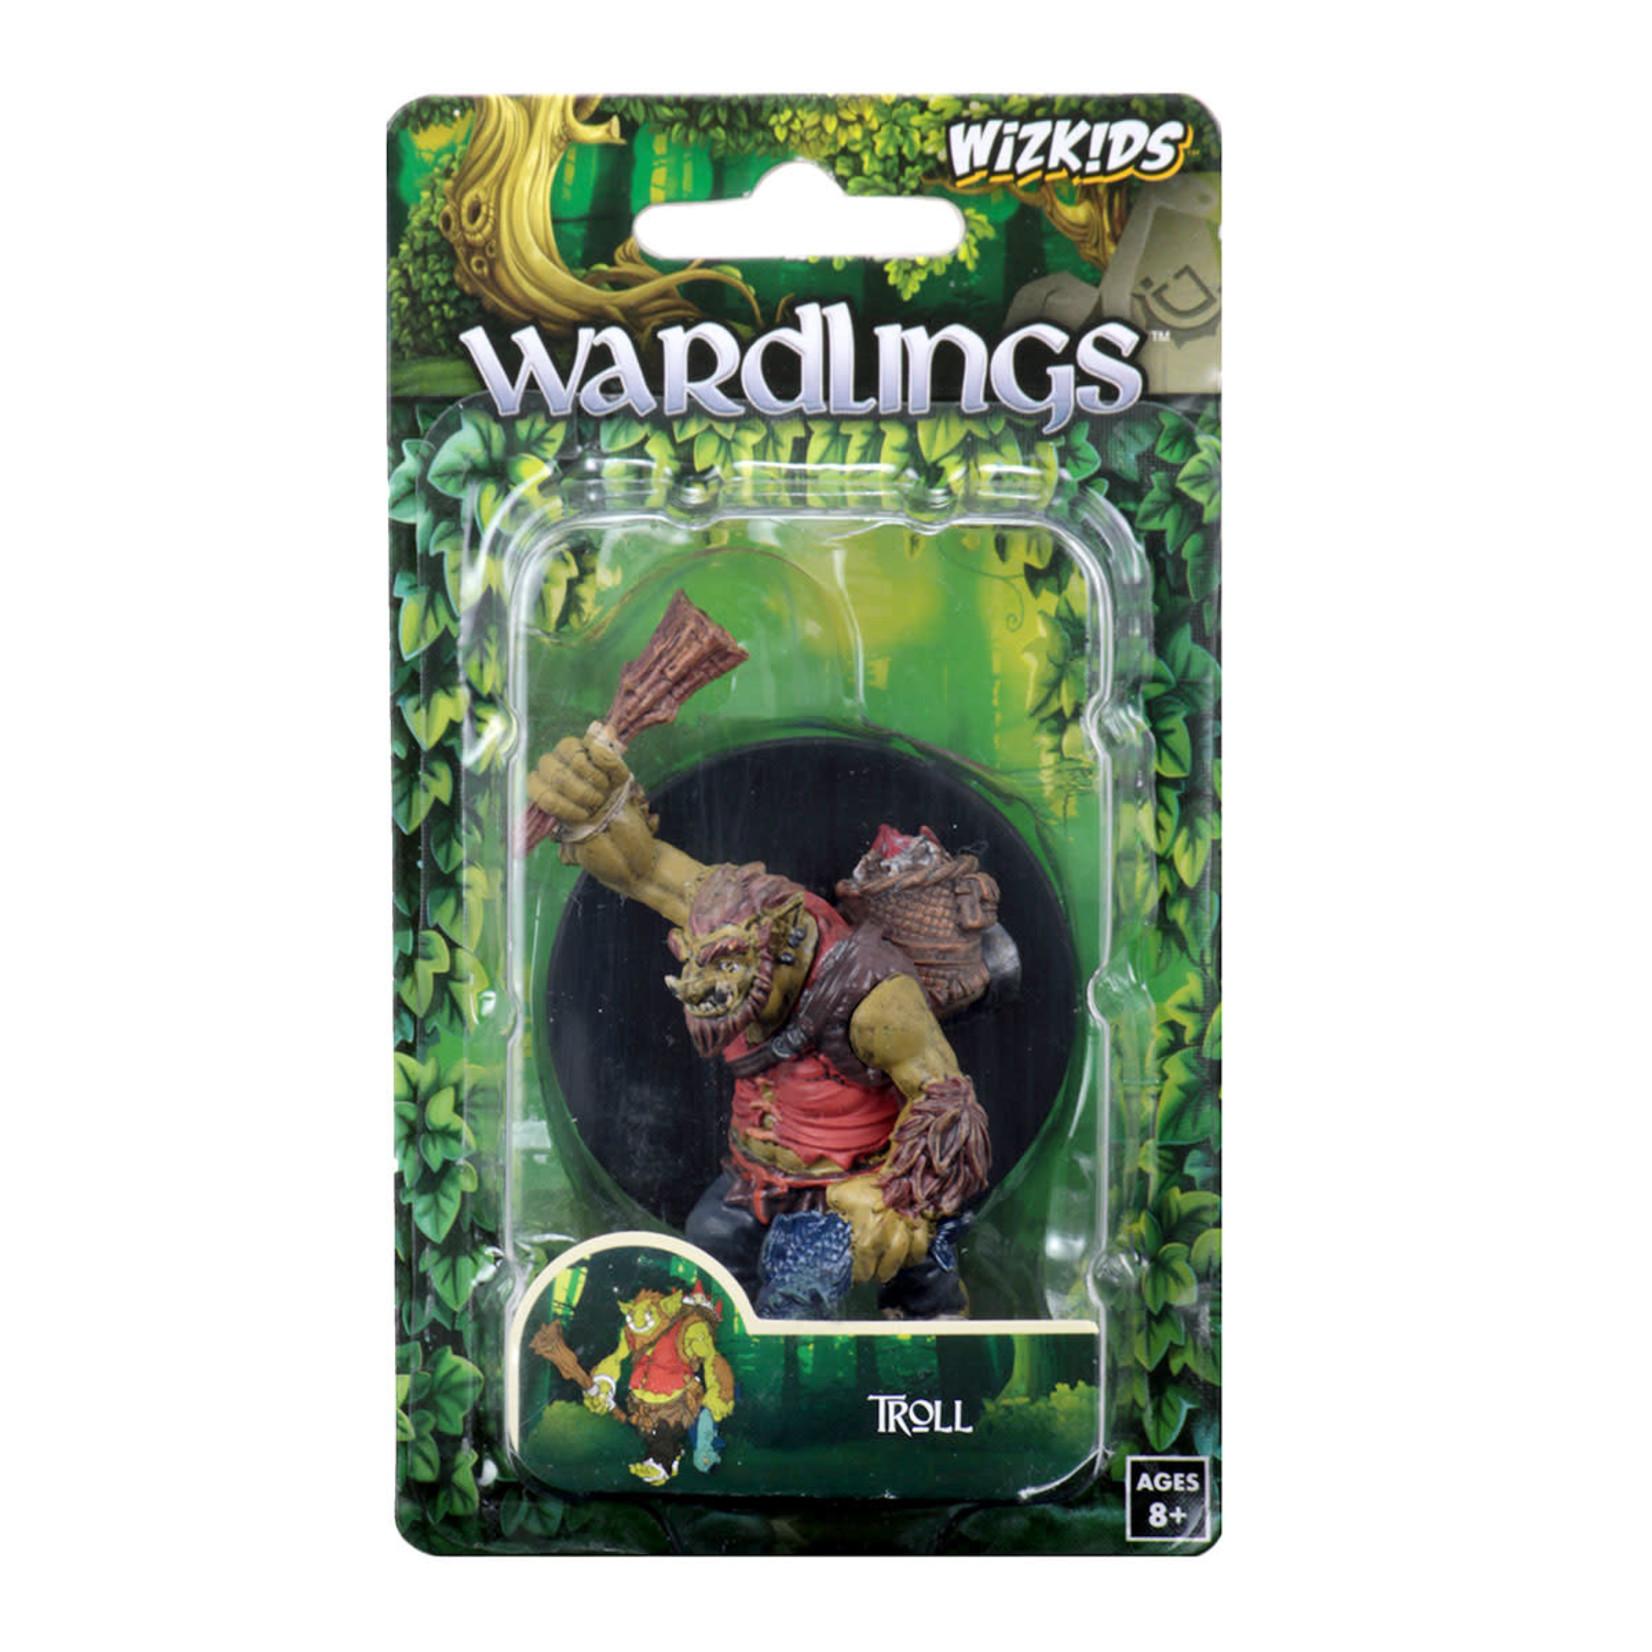 WizKids WizKids Wardlings: Troll (W3)